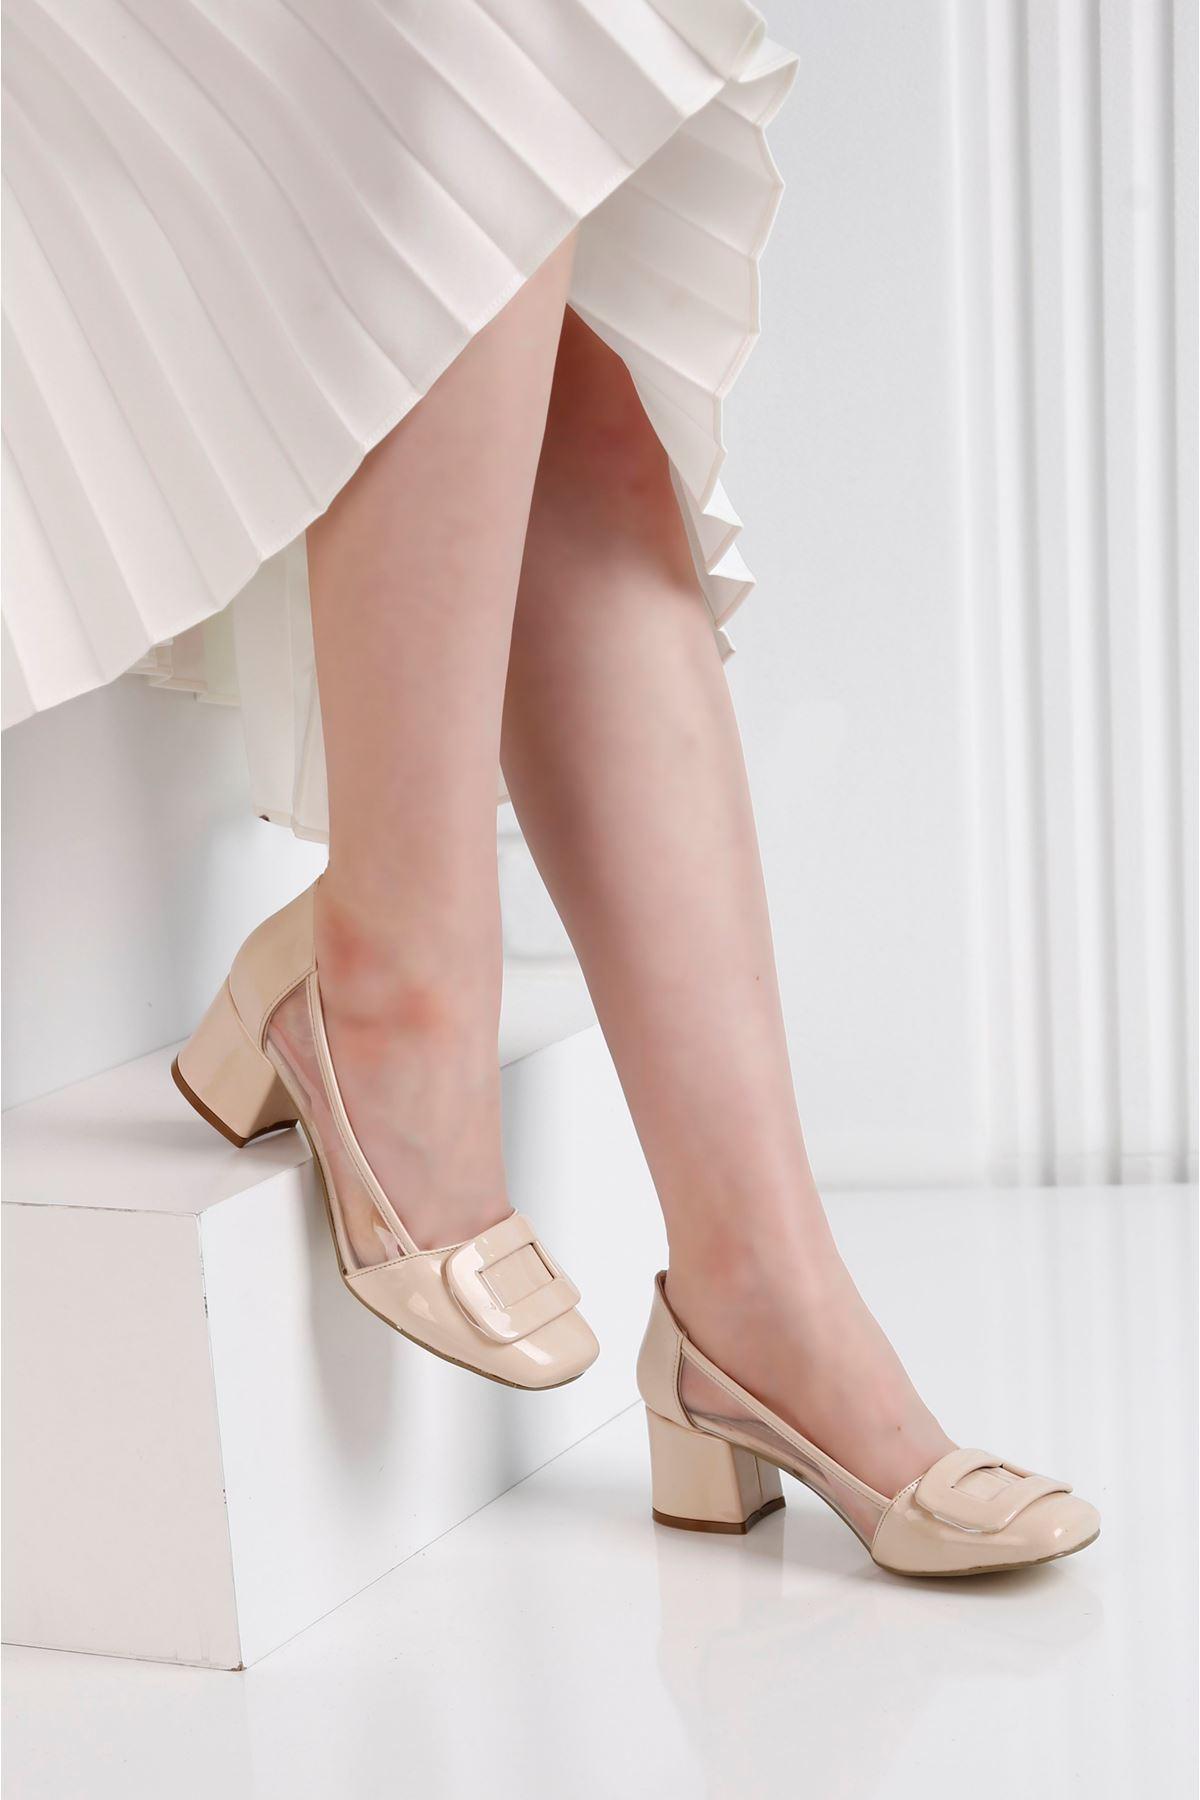 Barbie Topuklu Vizon Şefaf Ayakkabı